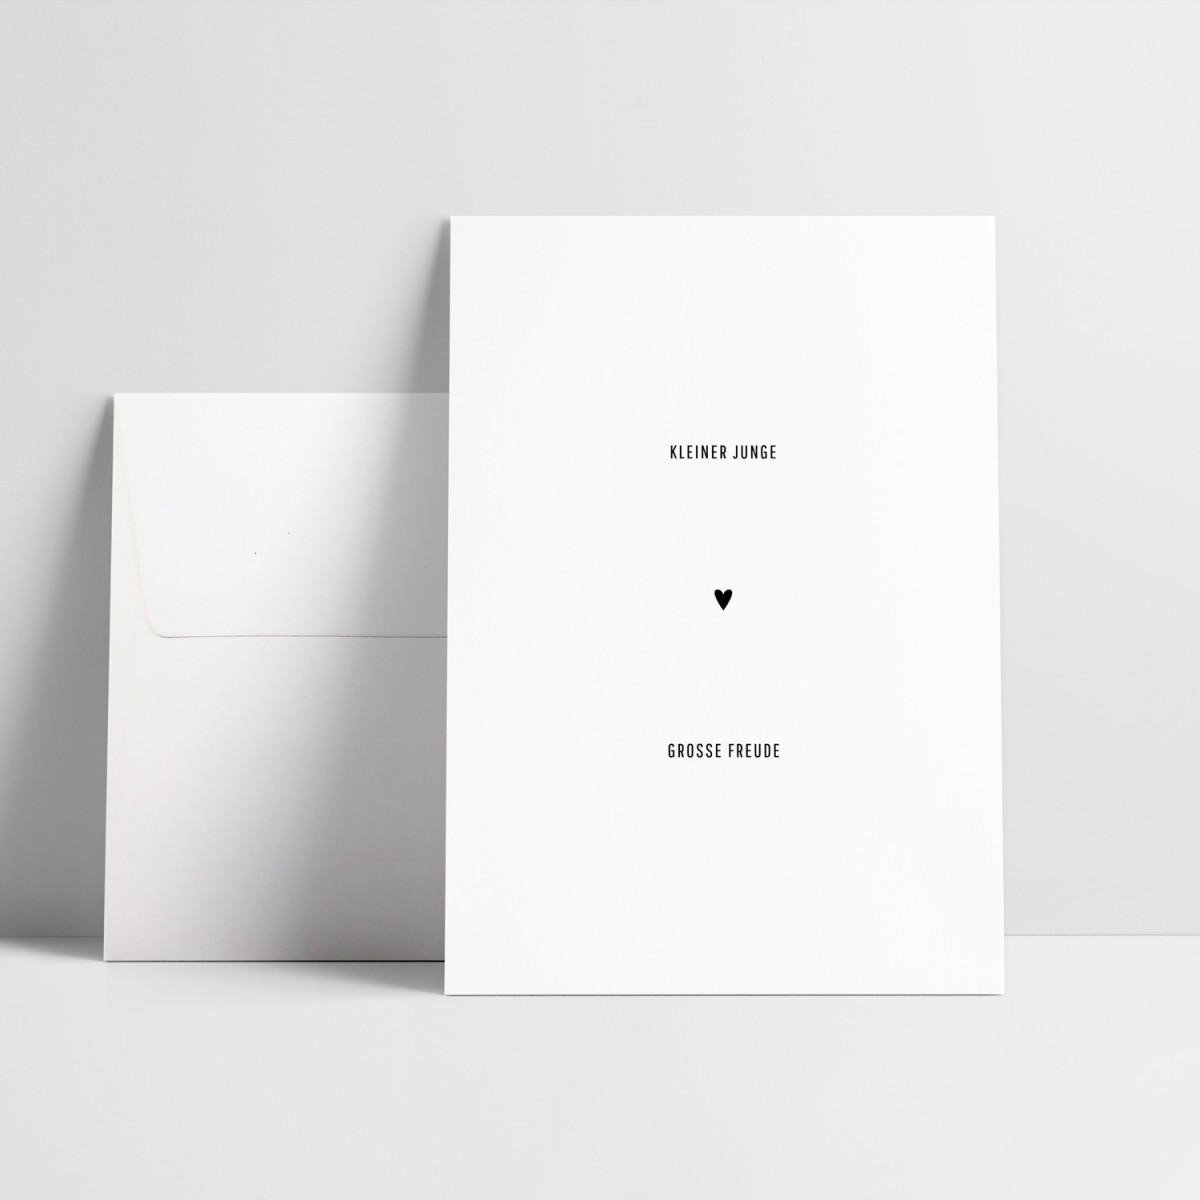 """Grußkarte """"Kleiner Junge, große Freude"""""""